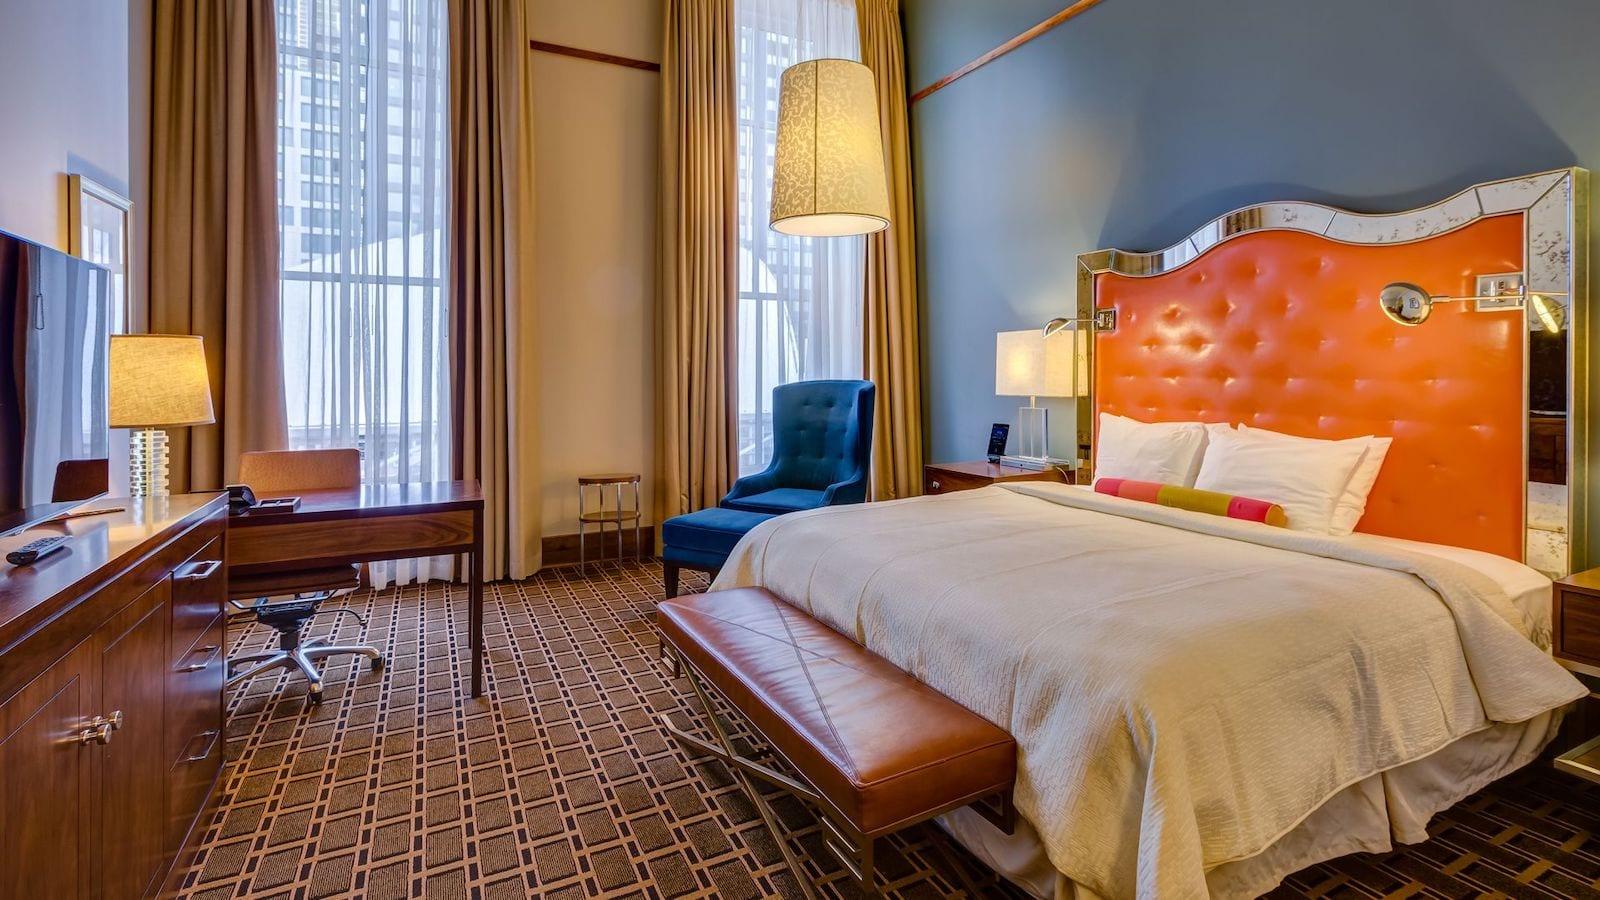 Crawford Hotel Room Denver Union Station